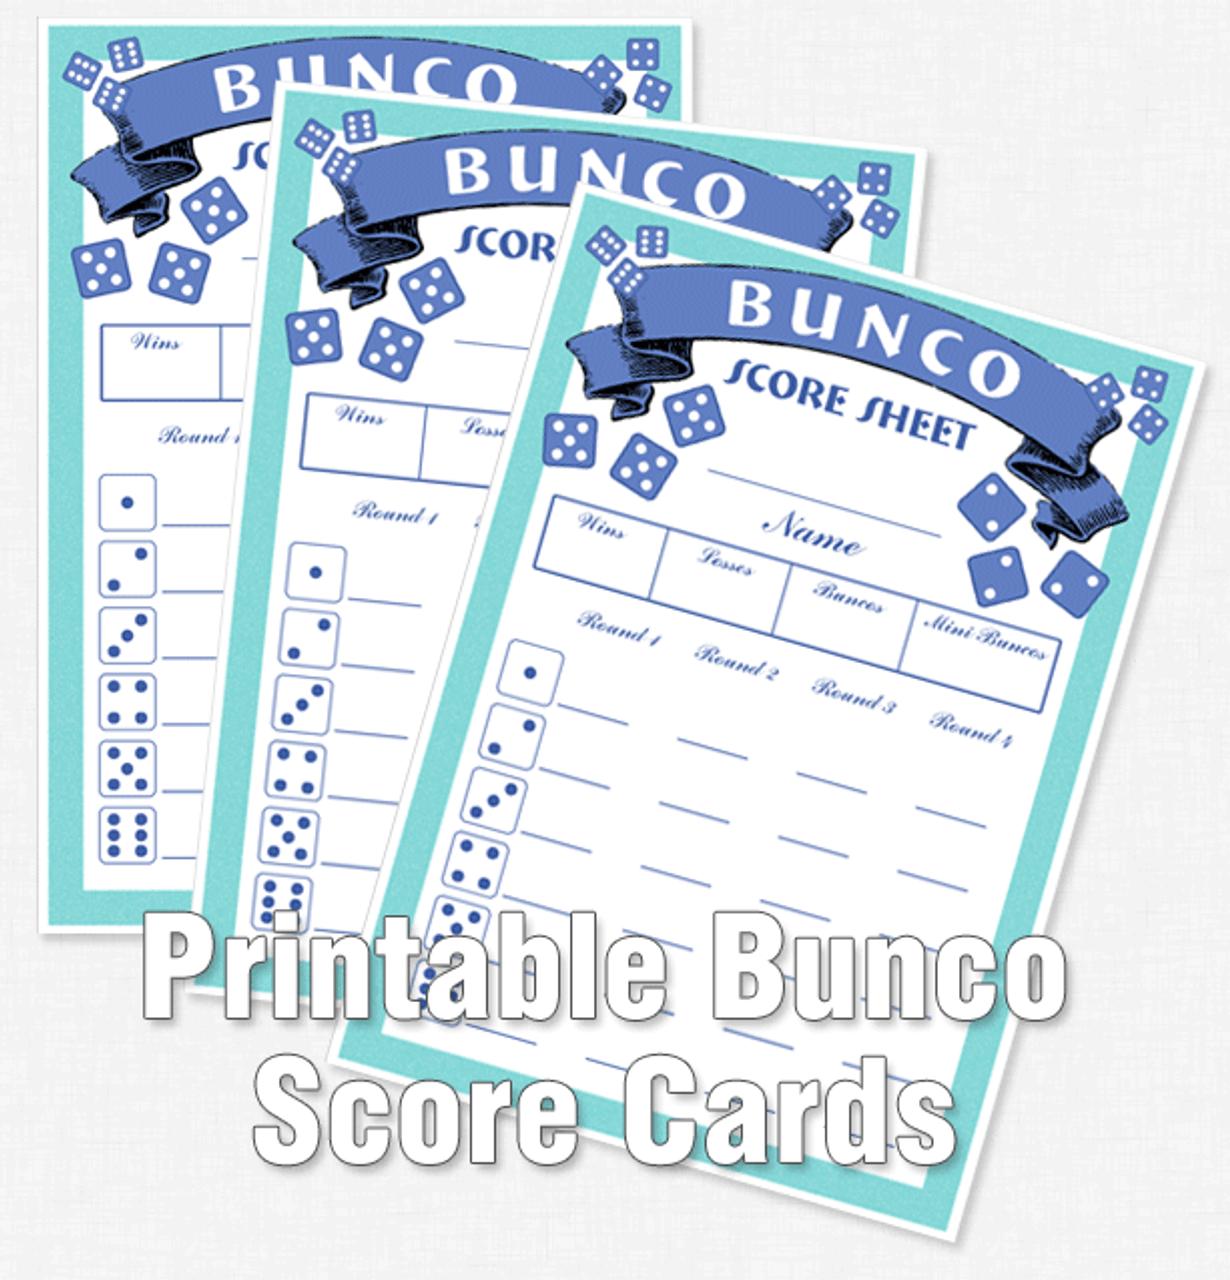 photo regarding Bunco Rules Printable called Printable Bunco Rating Playing cards